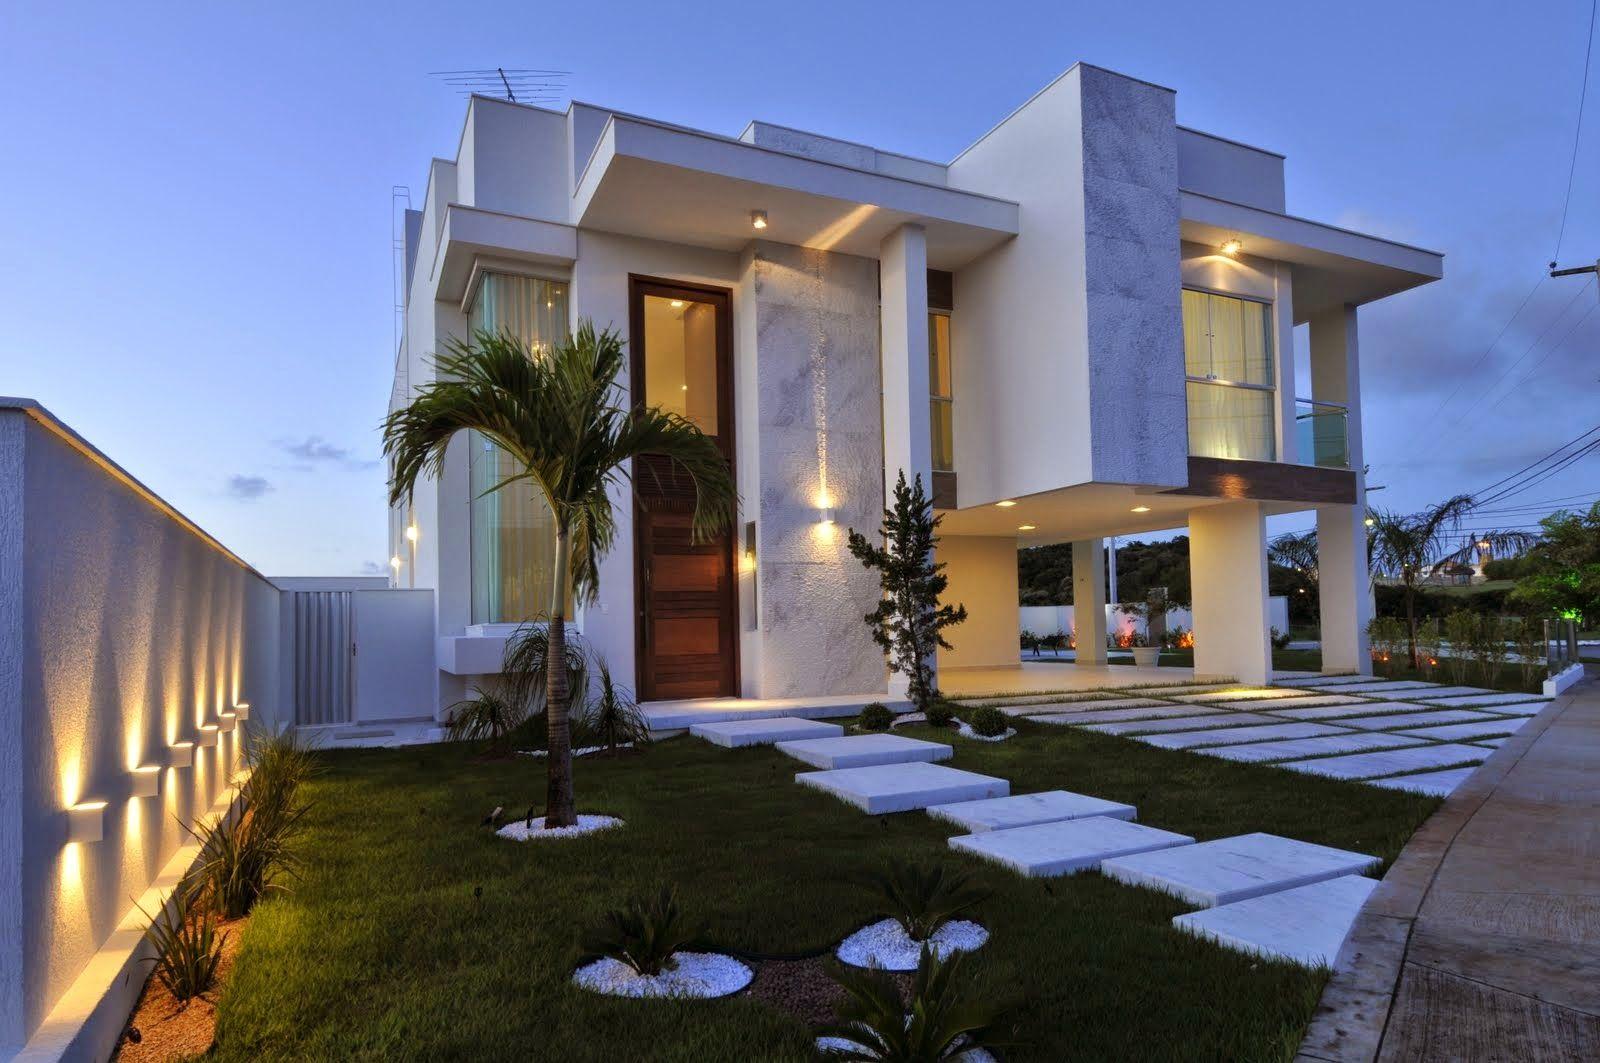 Decor Salteado Blog de Decoraç u00e3o e Arquitetura 20 Fachadas de casas modernas com lin -> Decoracao De Casas Modernas